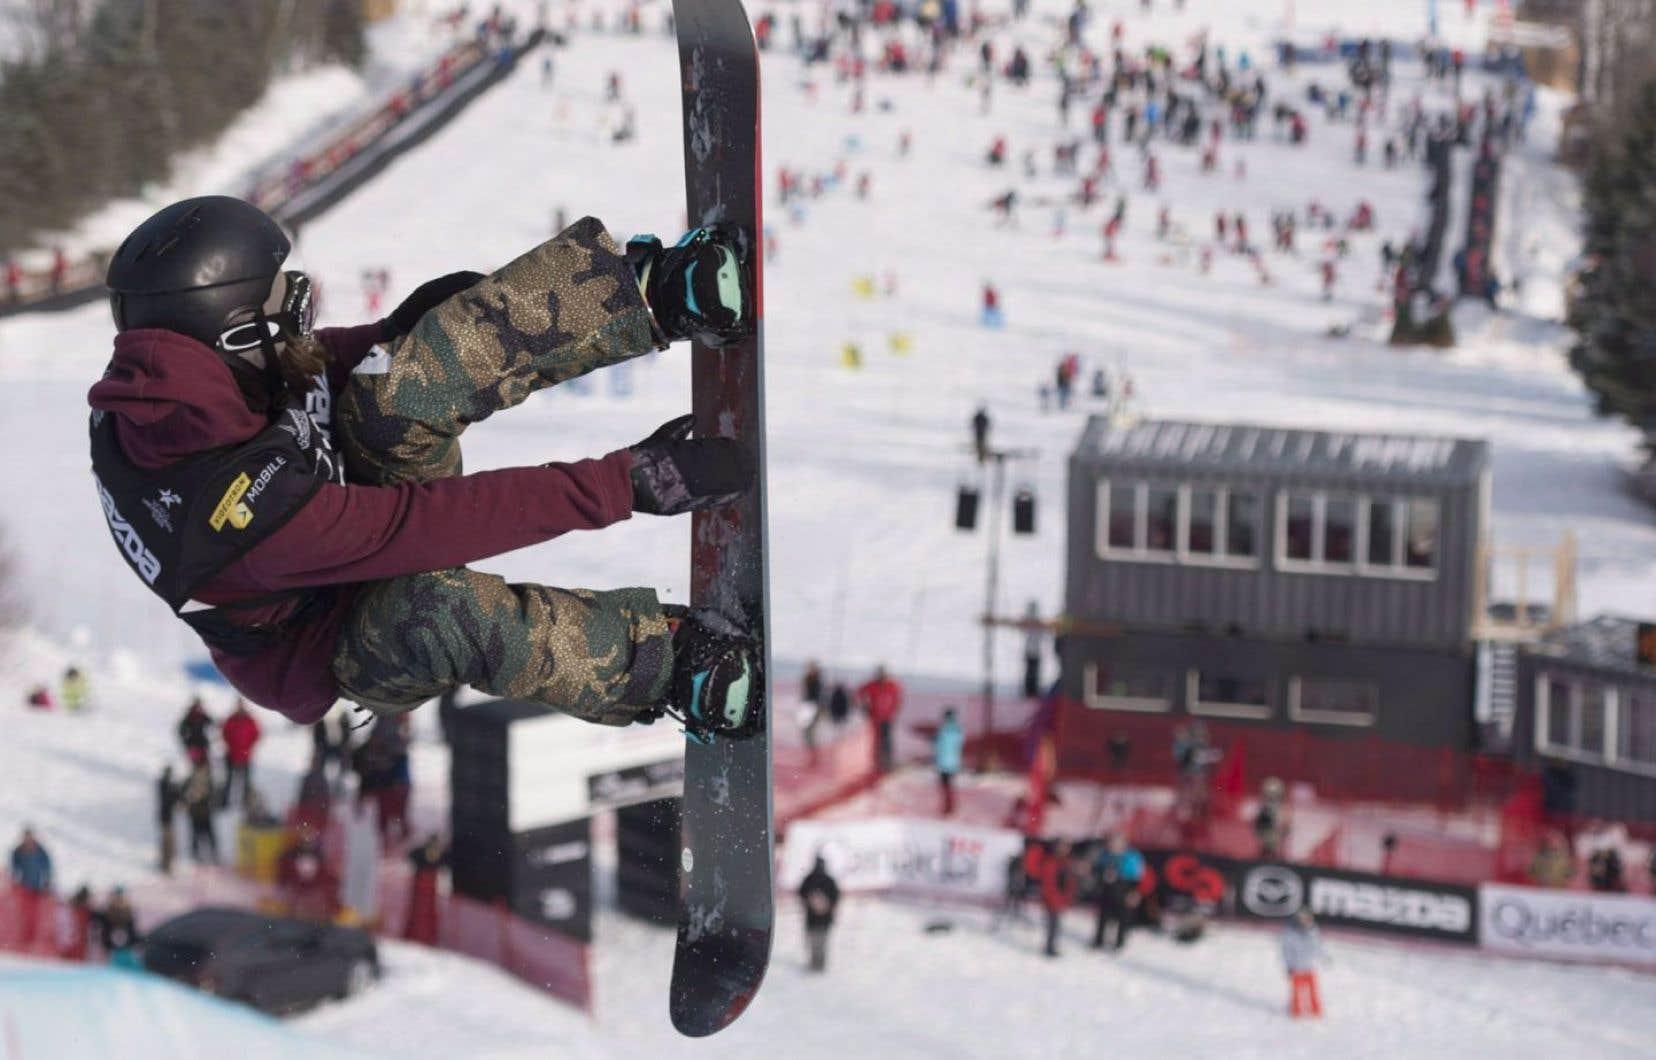 Les stations de ski font de plus en plus d'efforts pour réduire leur empreinte écologique, et leur Association travaille sur un projet de Charte du développement durable.